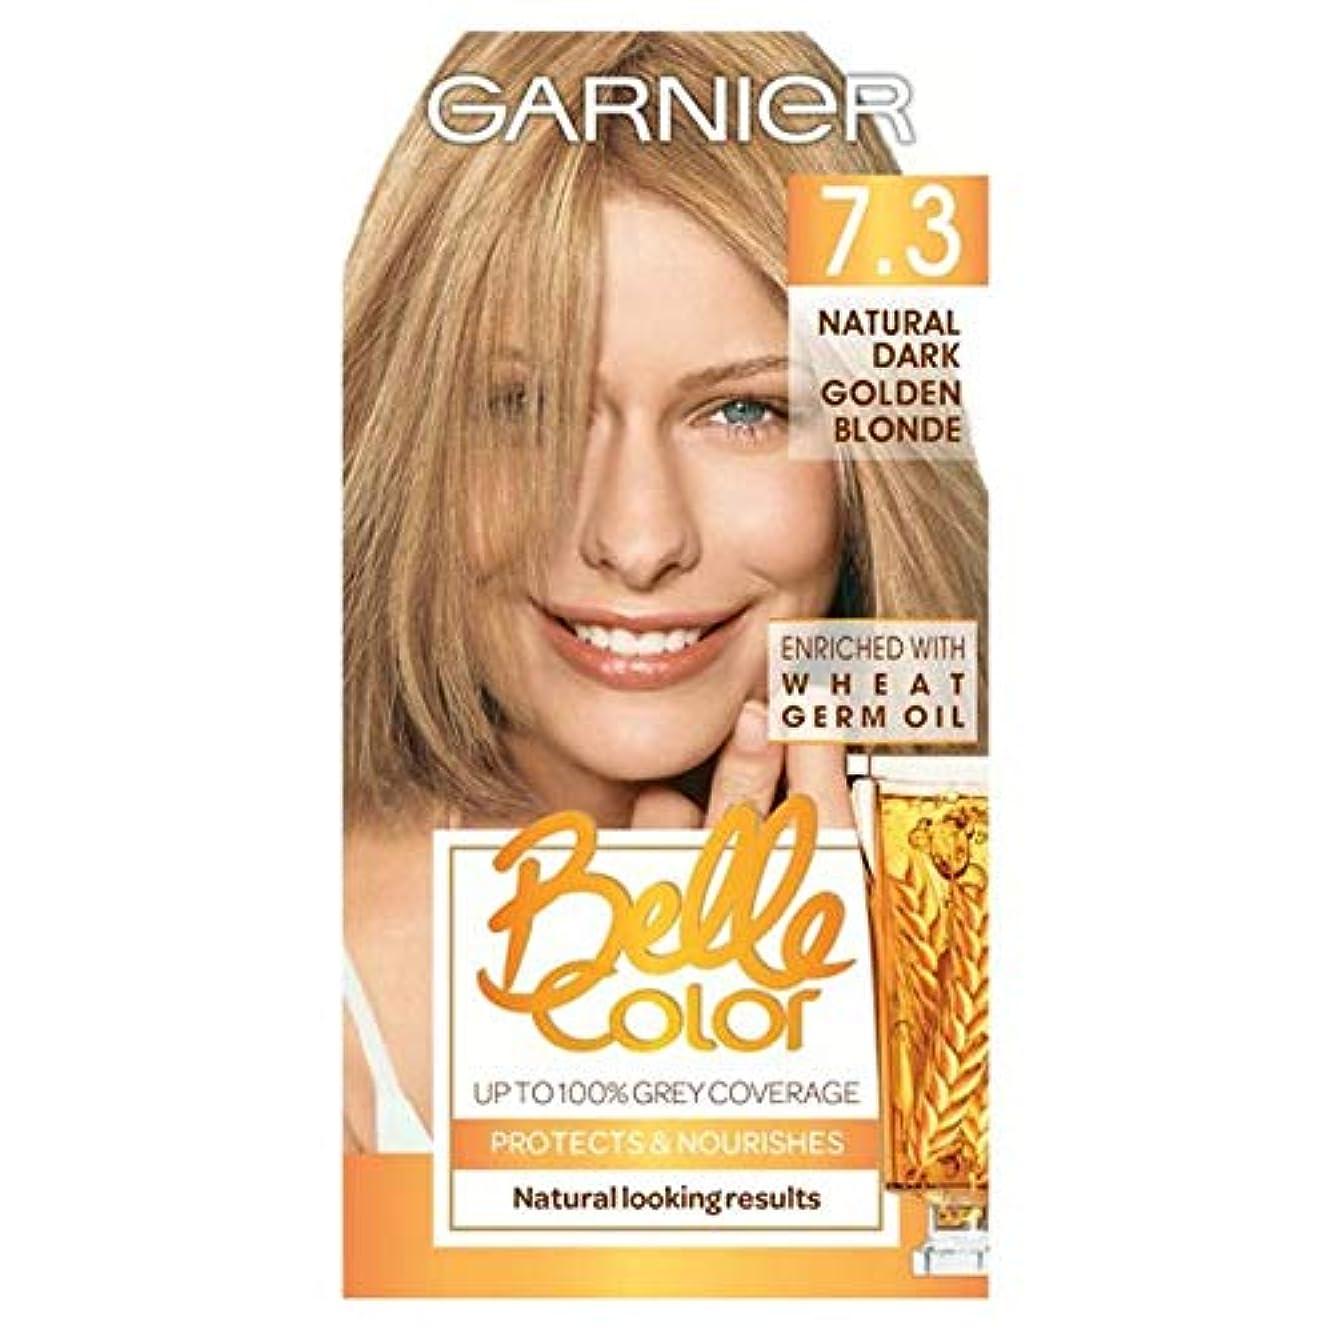 進行中アストロラーベ伝統的[Belle Color] ガルニエベルカラー7.3暗い金色のブロンド - Garnier Belle Color 7.3 Dark Golden Blonde [並行輸入品]